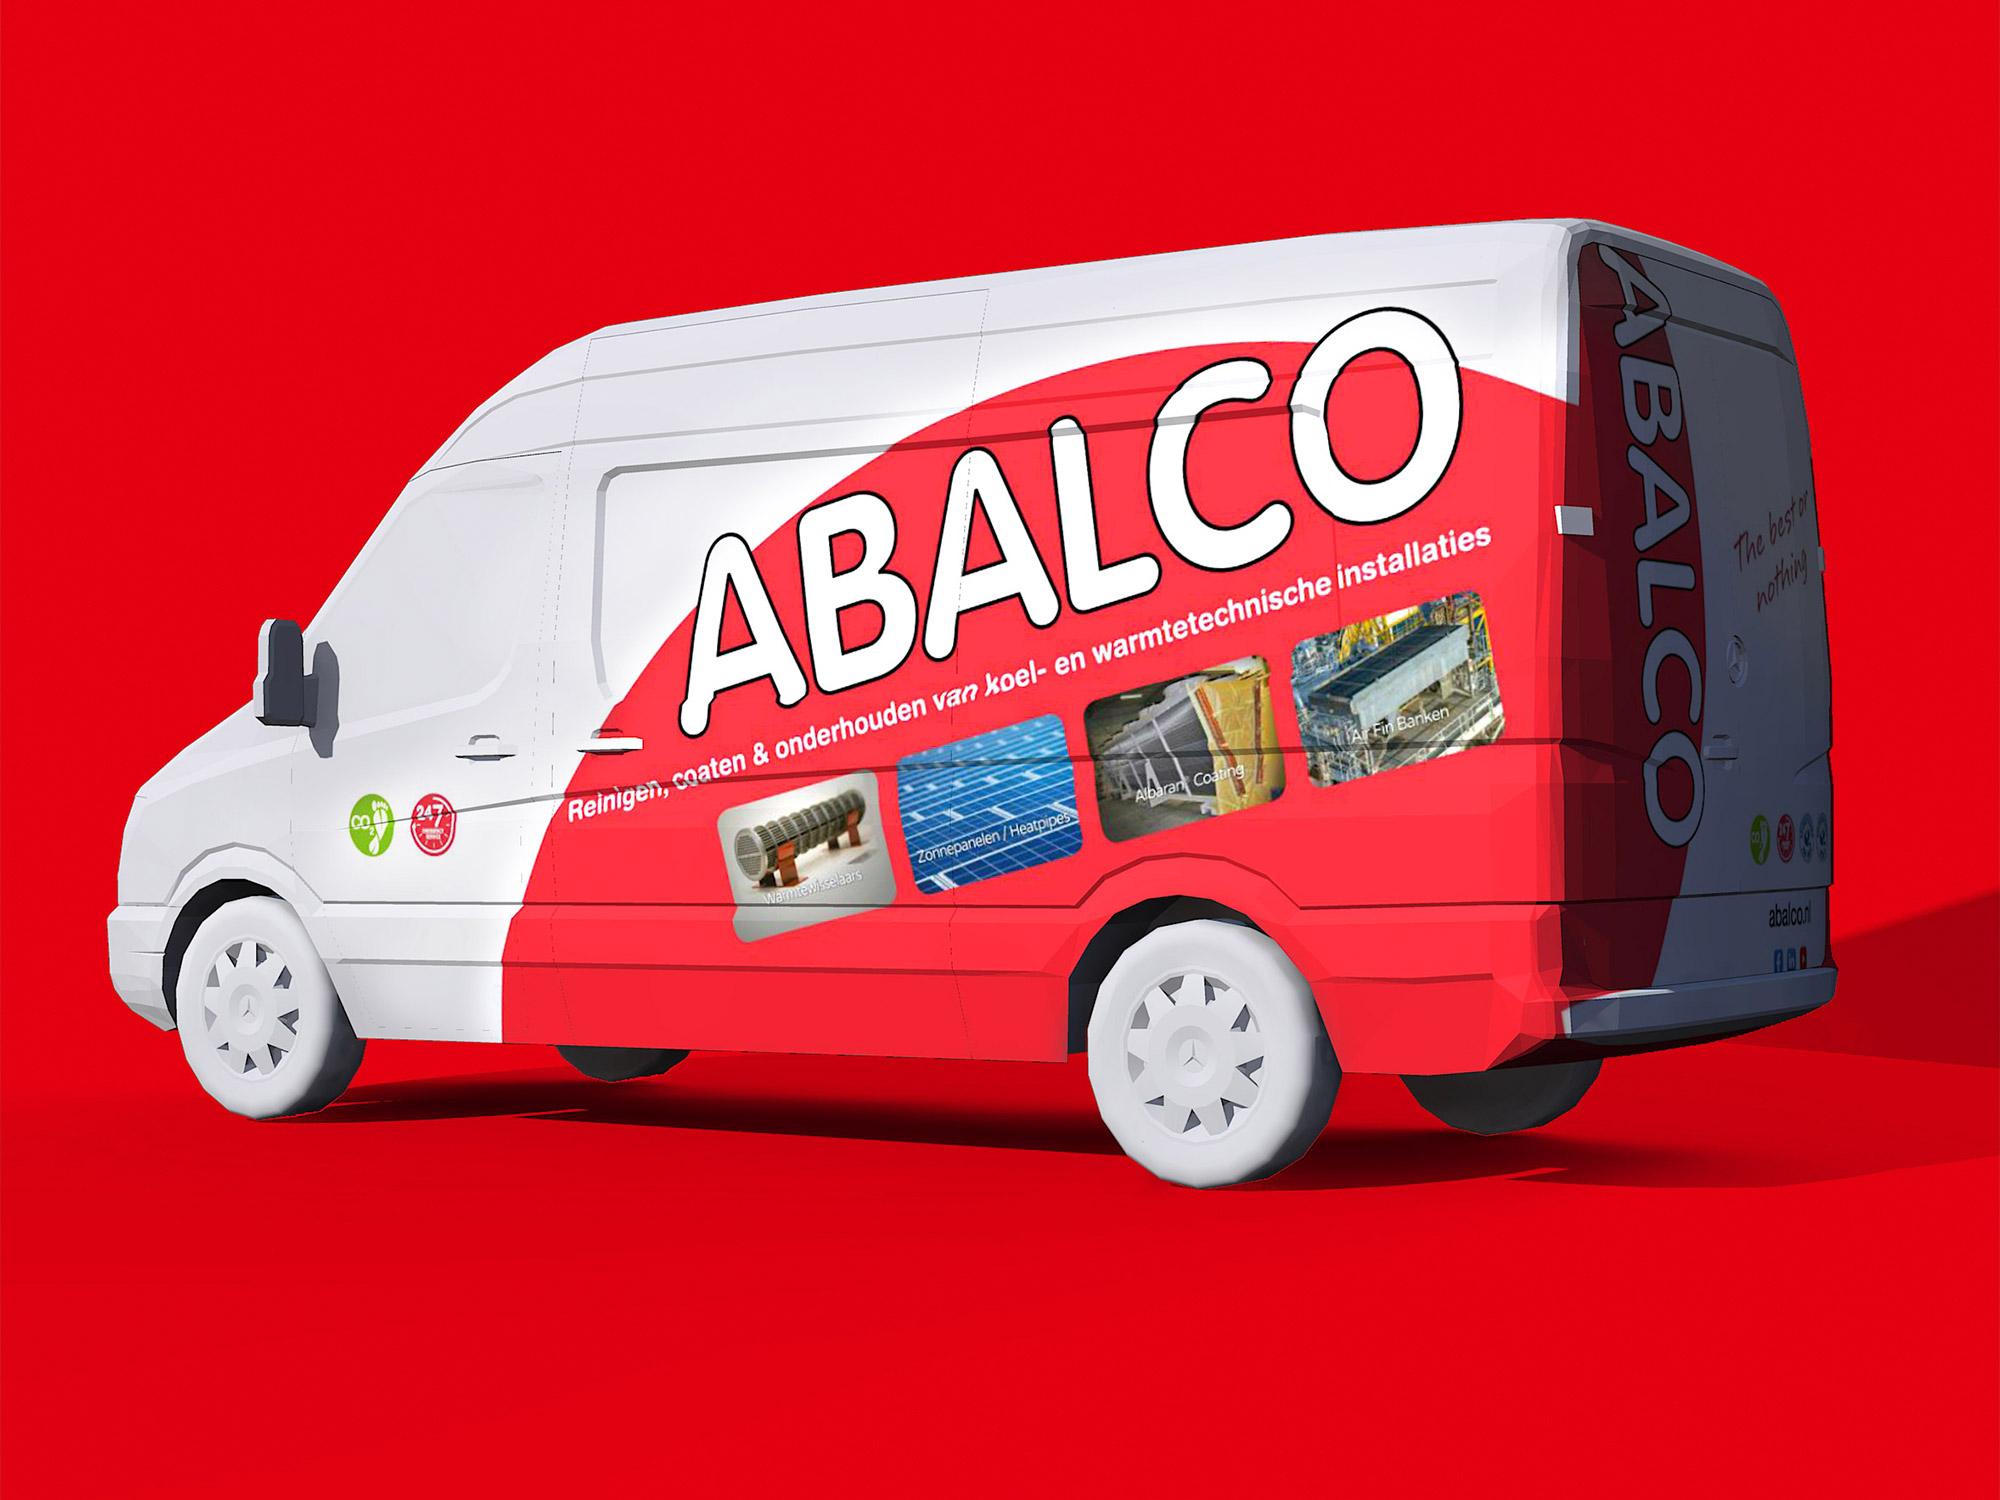 Abalco bus